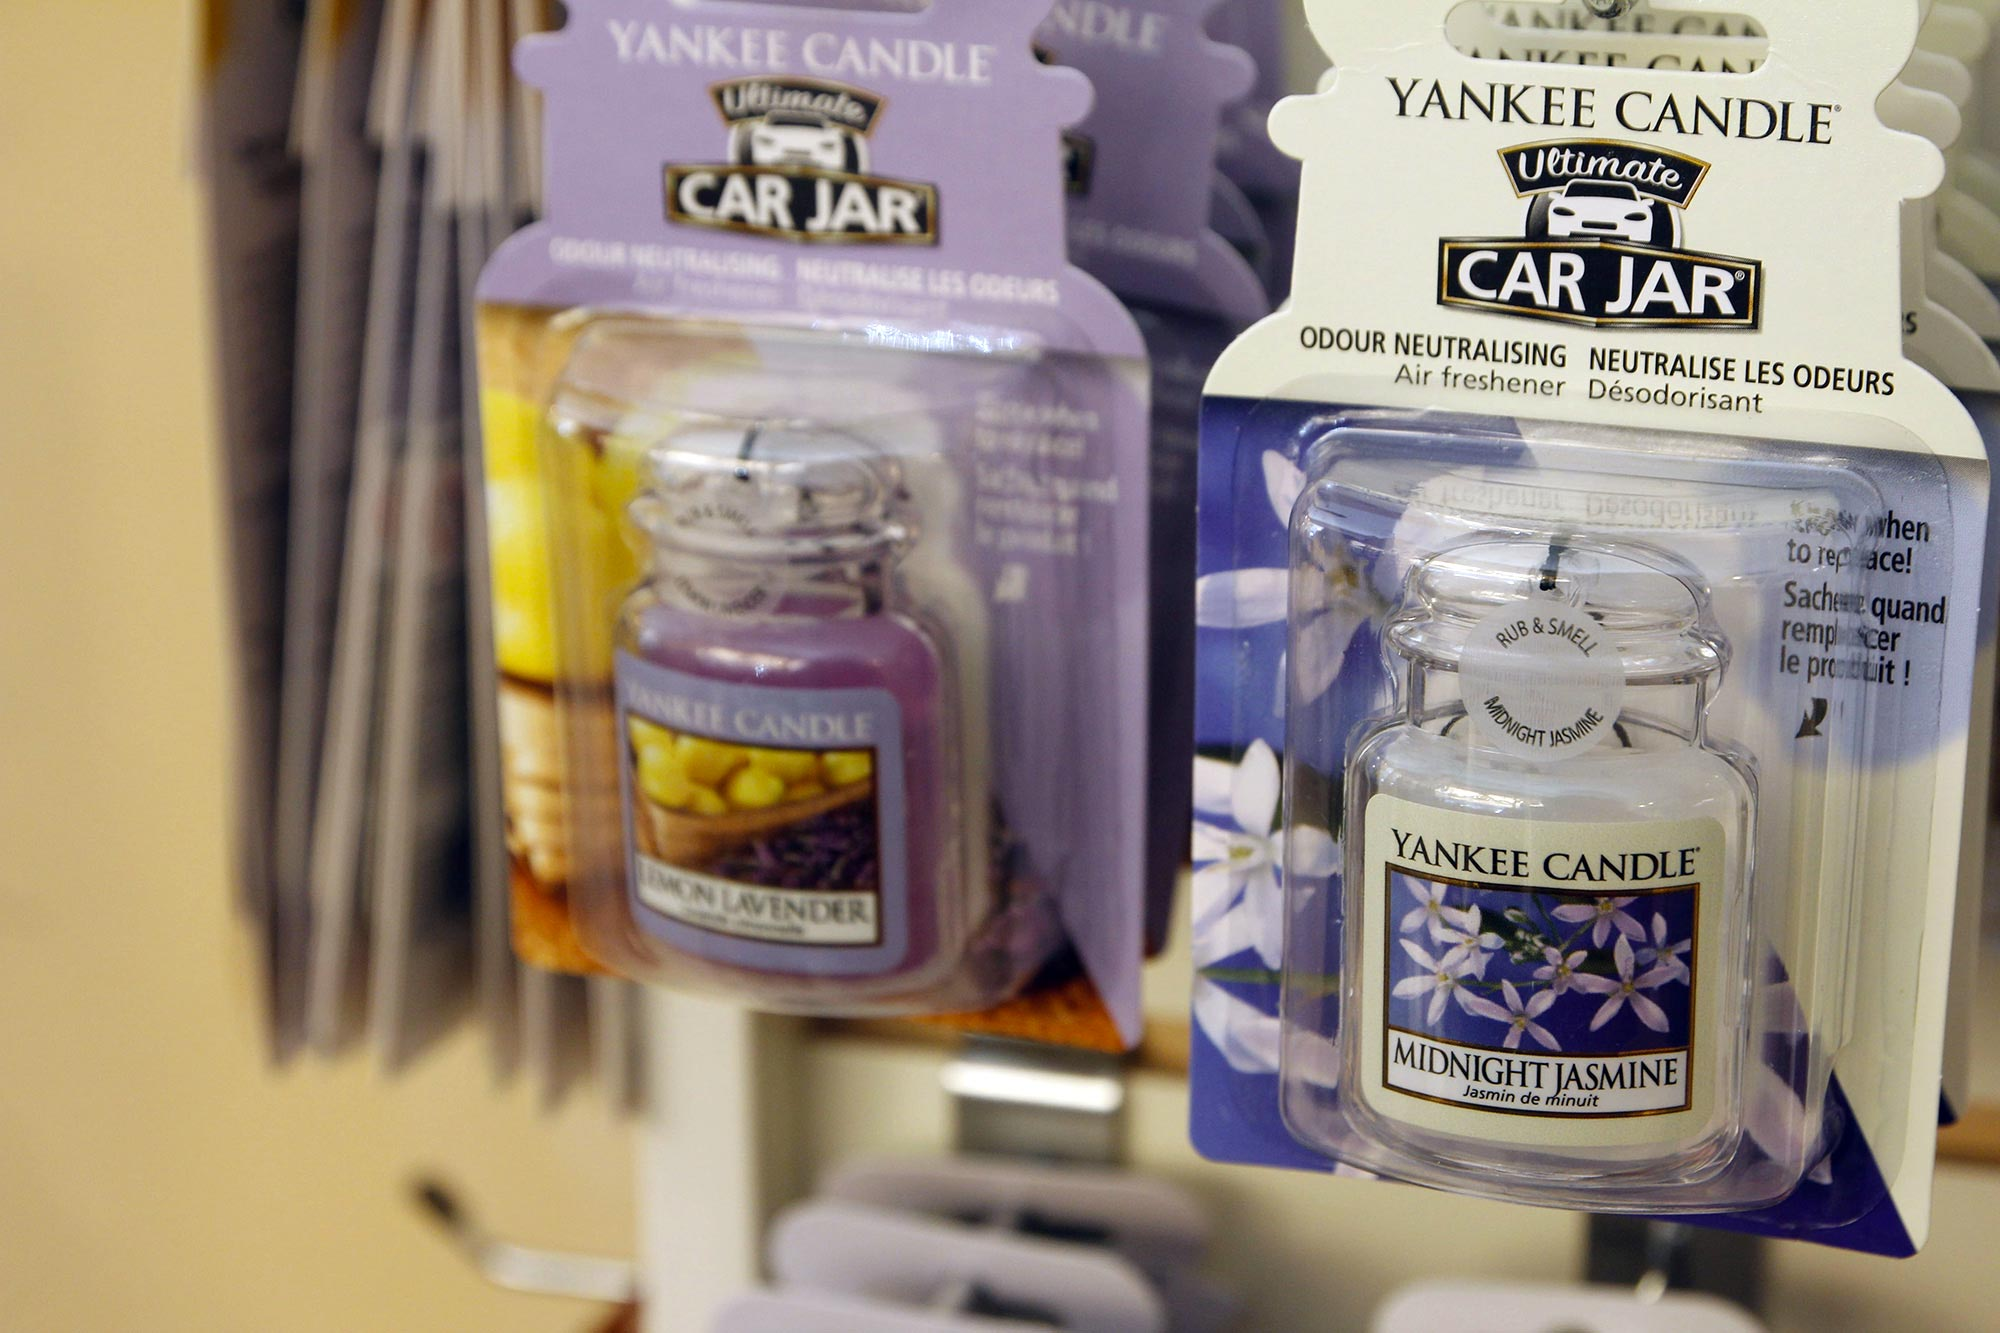 Yankee Candle per auto - Arrediamo Insieme Palermo